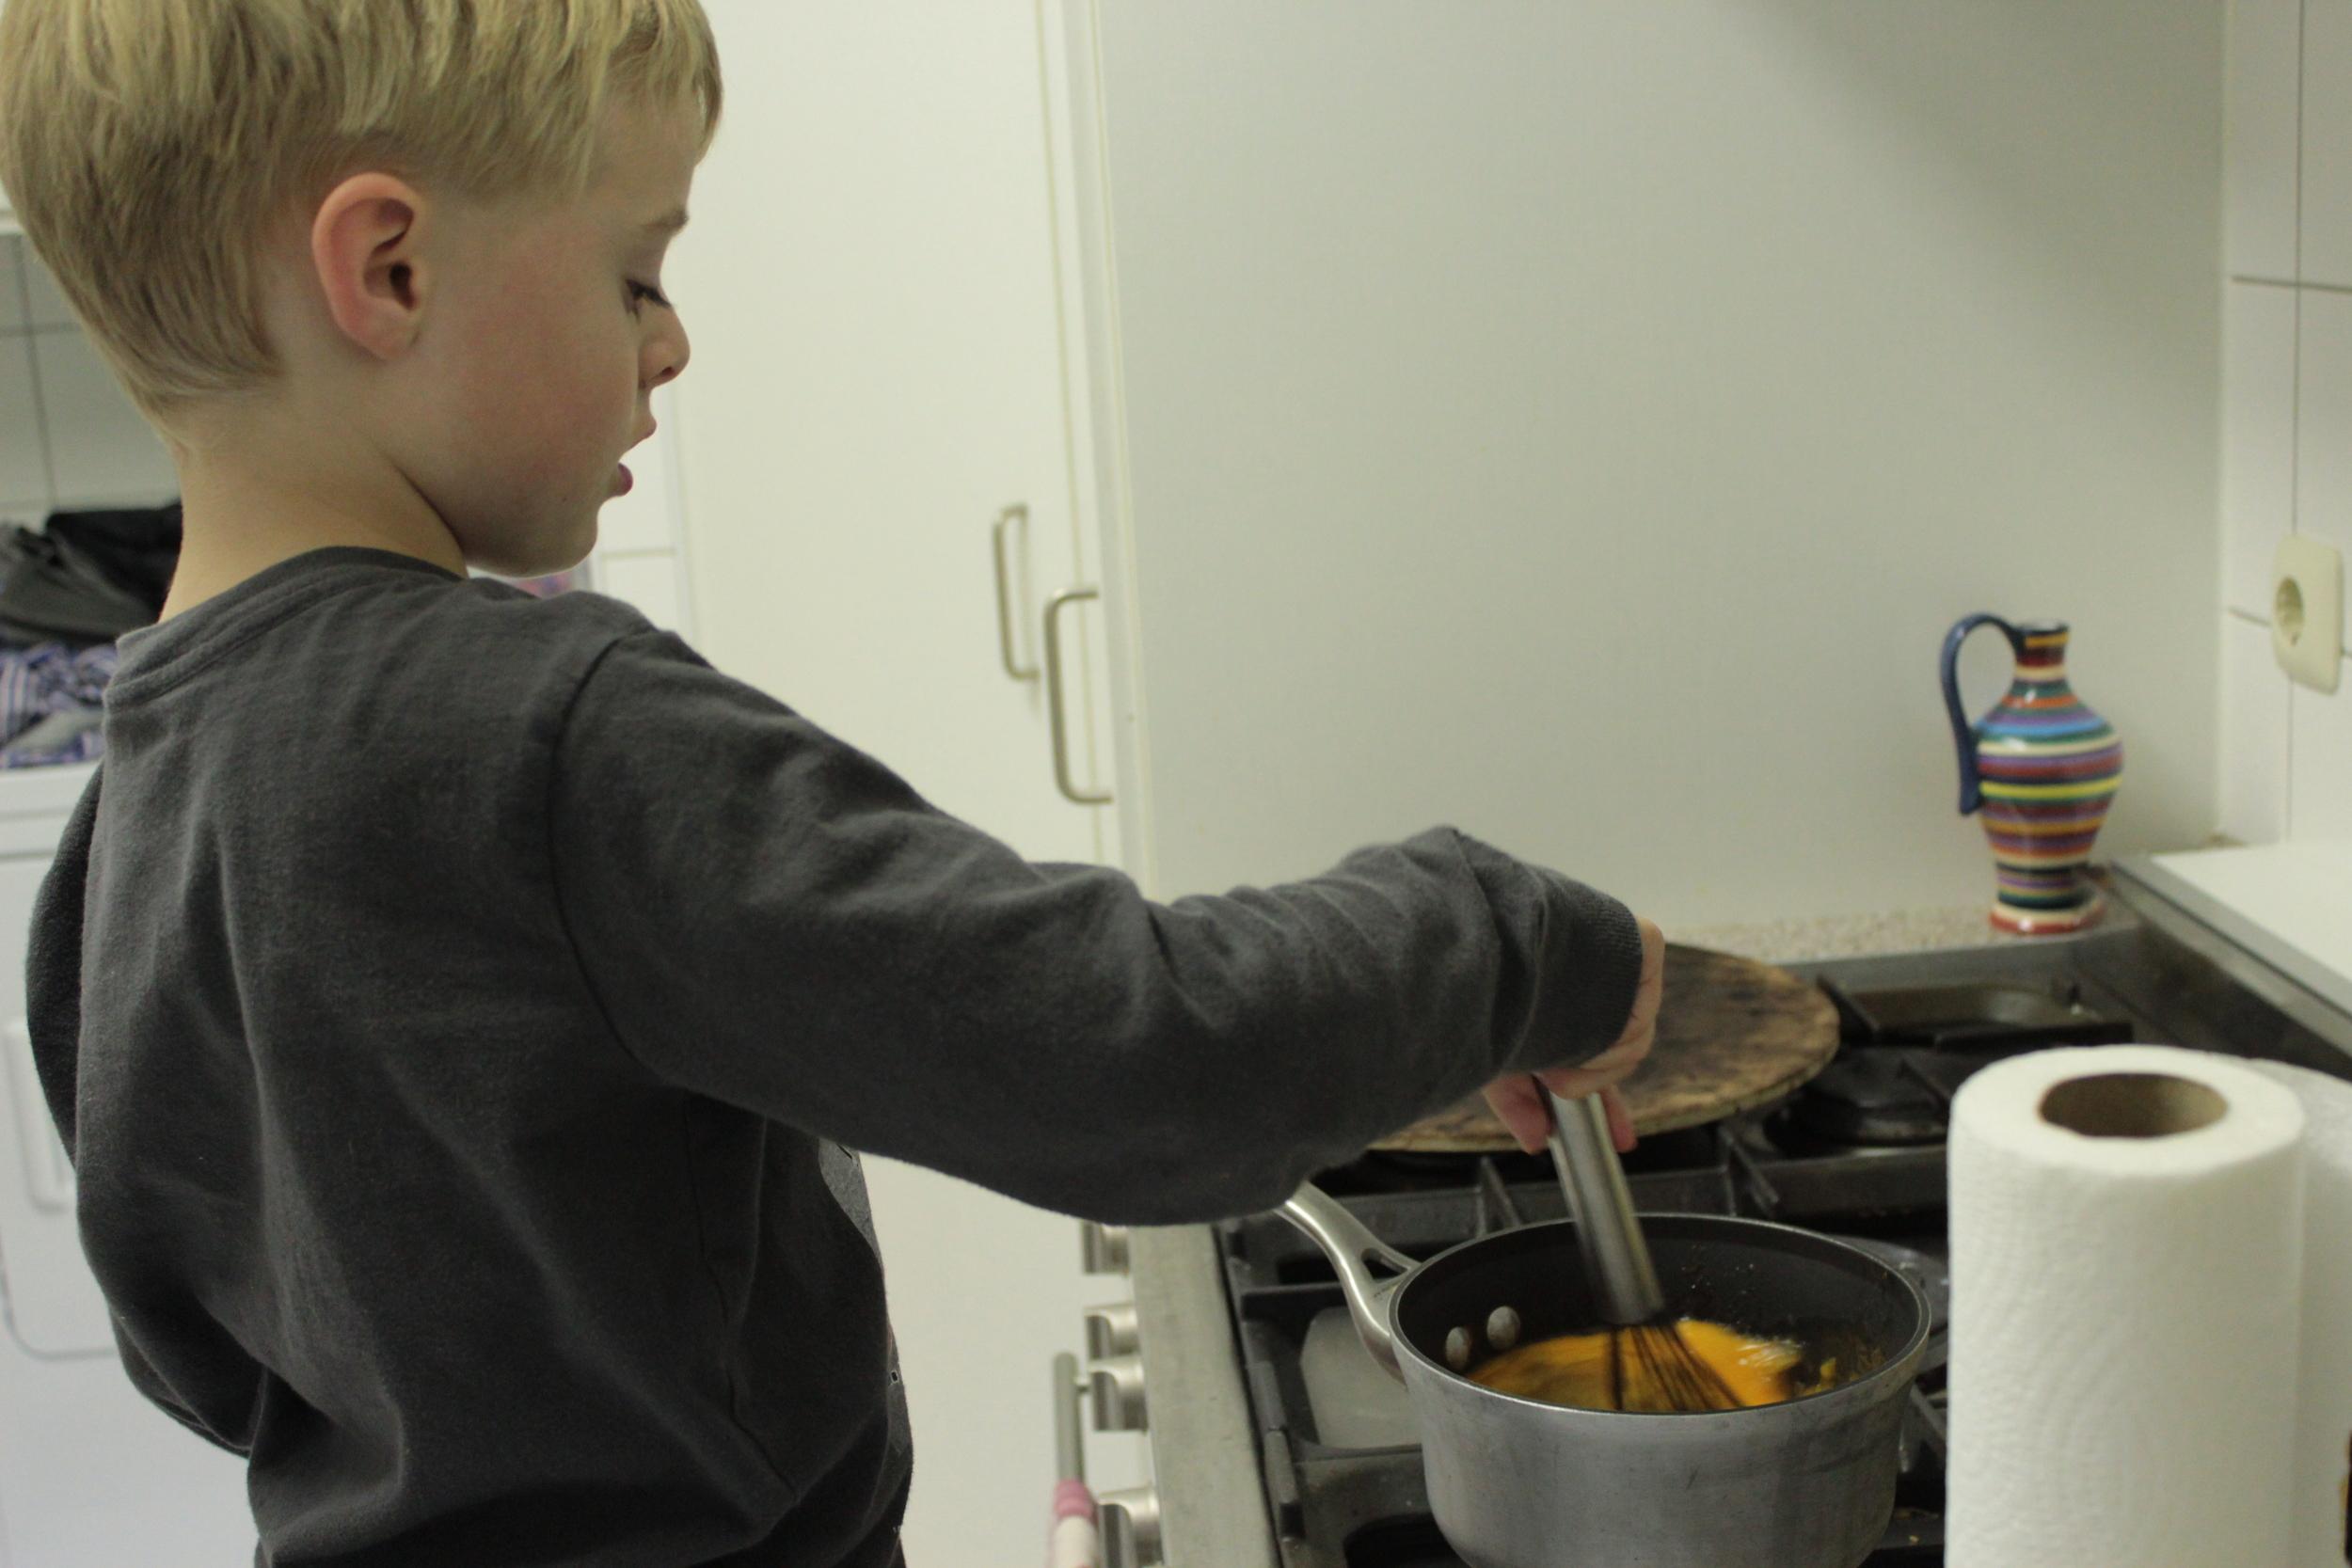 Mixing the sugar and yolk.